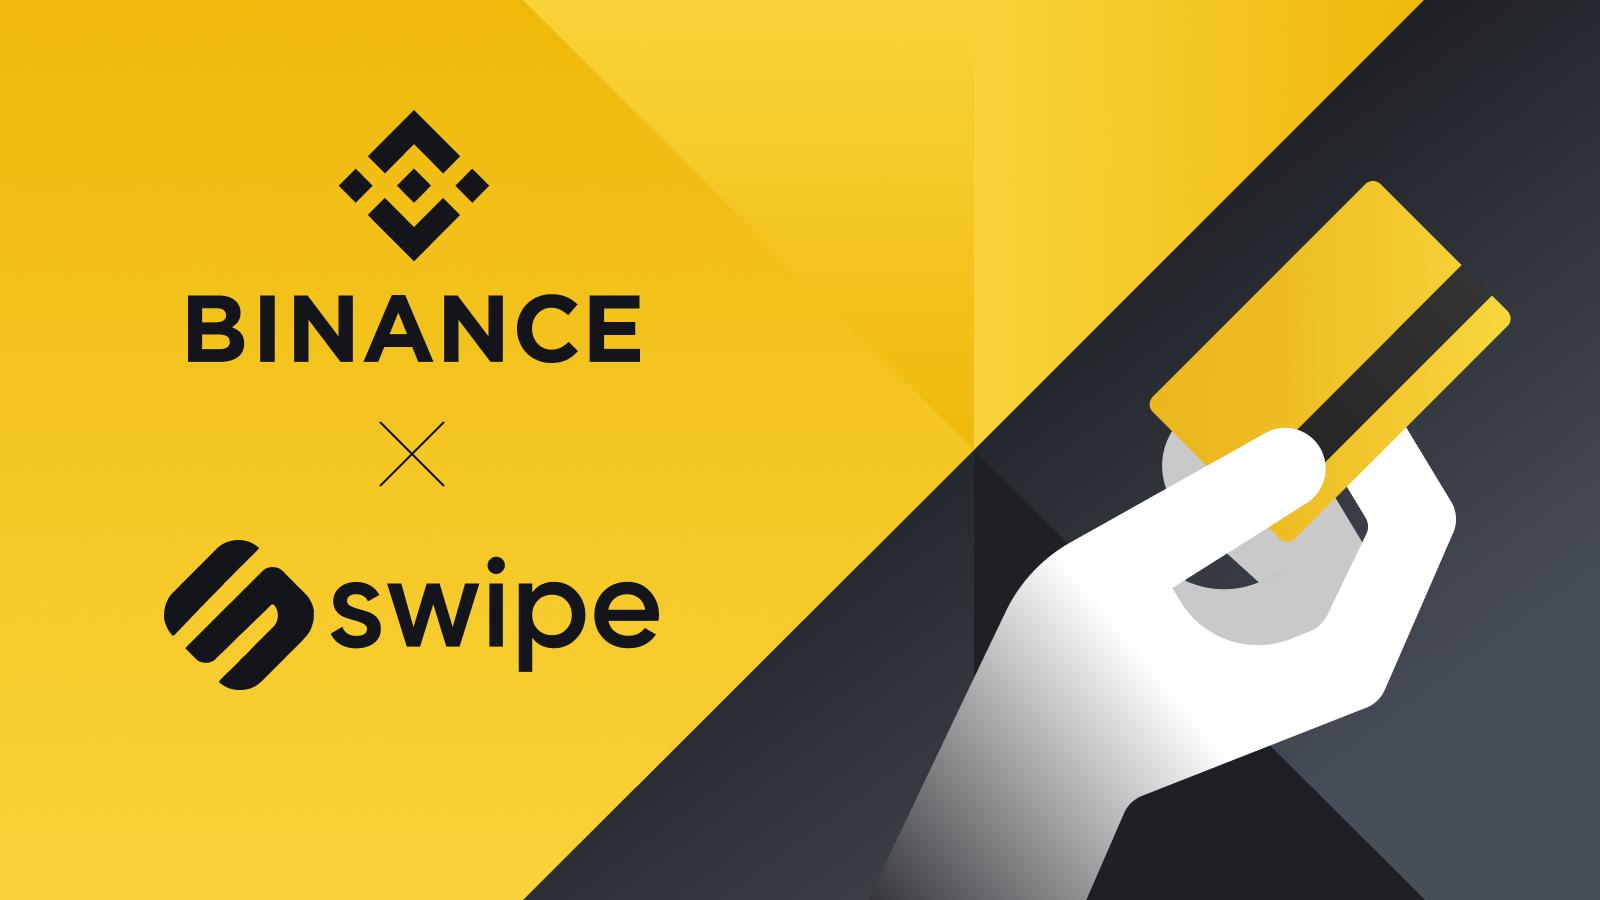 Binance đã hoàn tất thương vụ mua lại Swipe   Syndicator